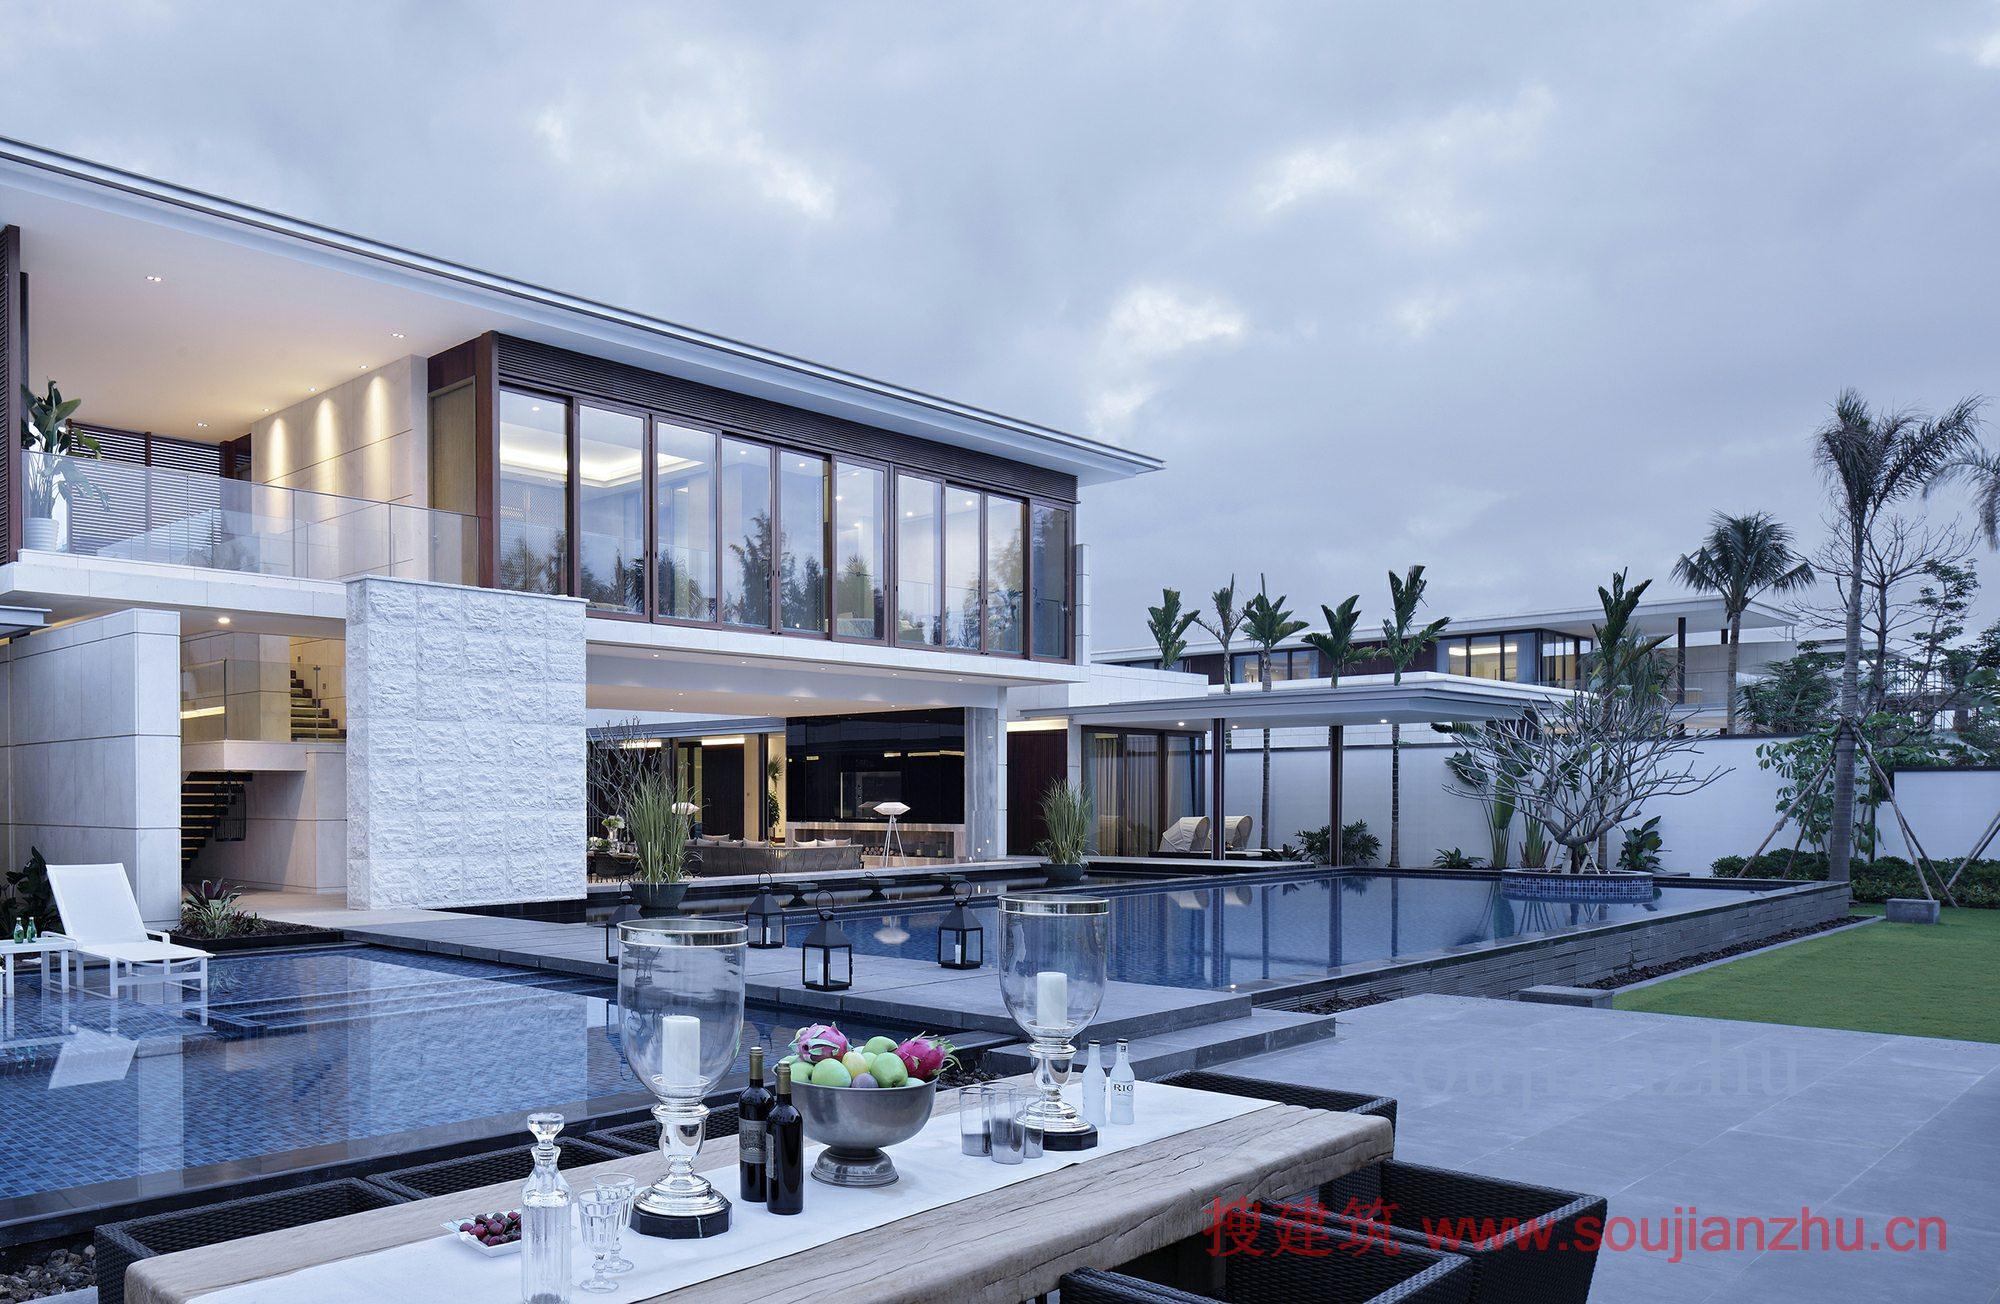 面积:1200平方米 年份:2014  成路海景别墅,位于海南岛东